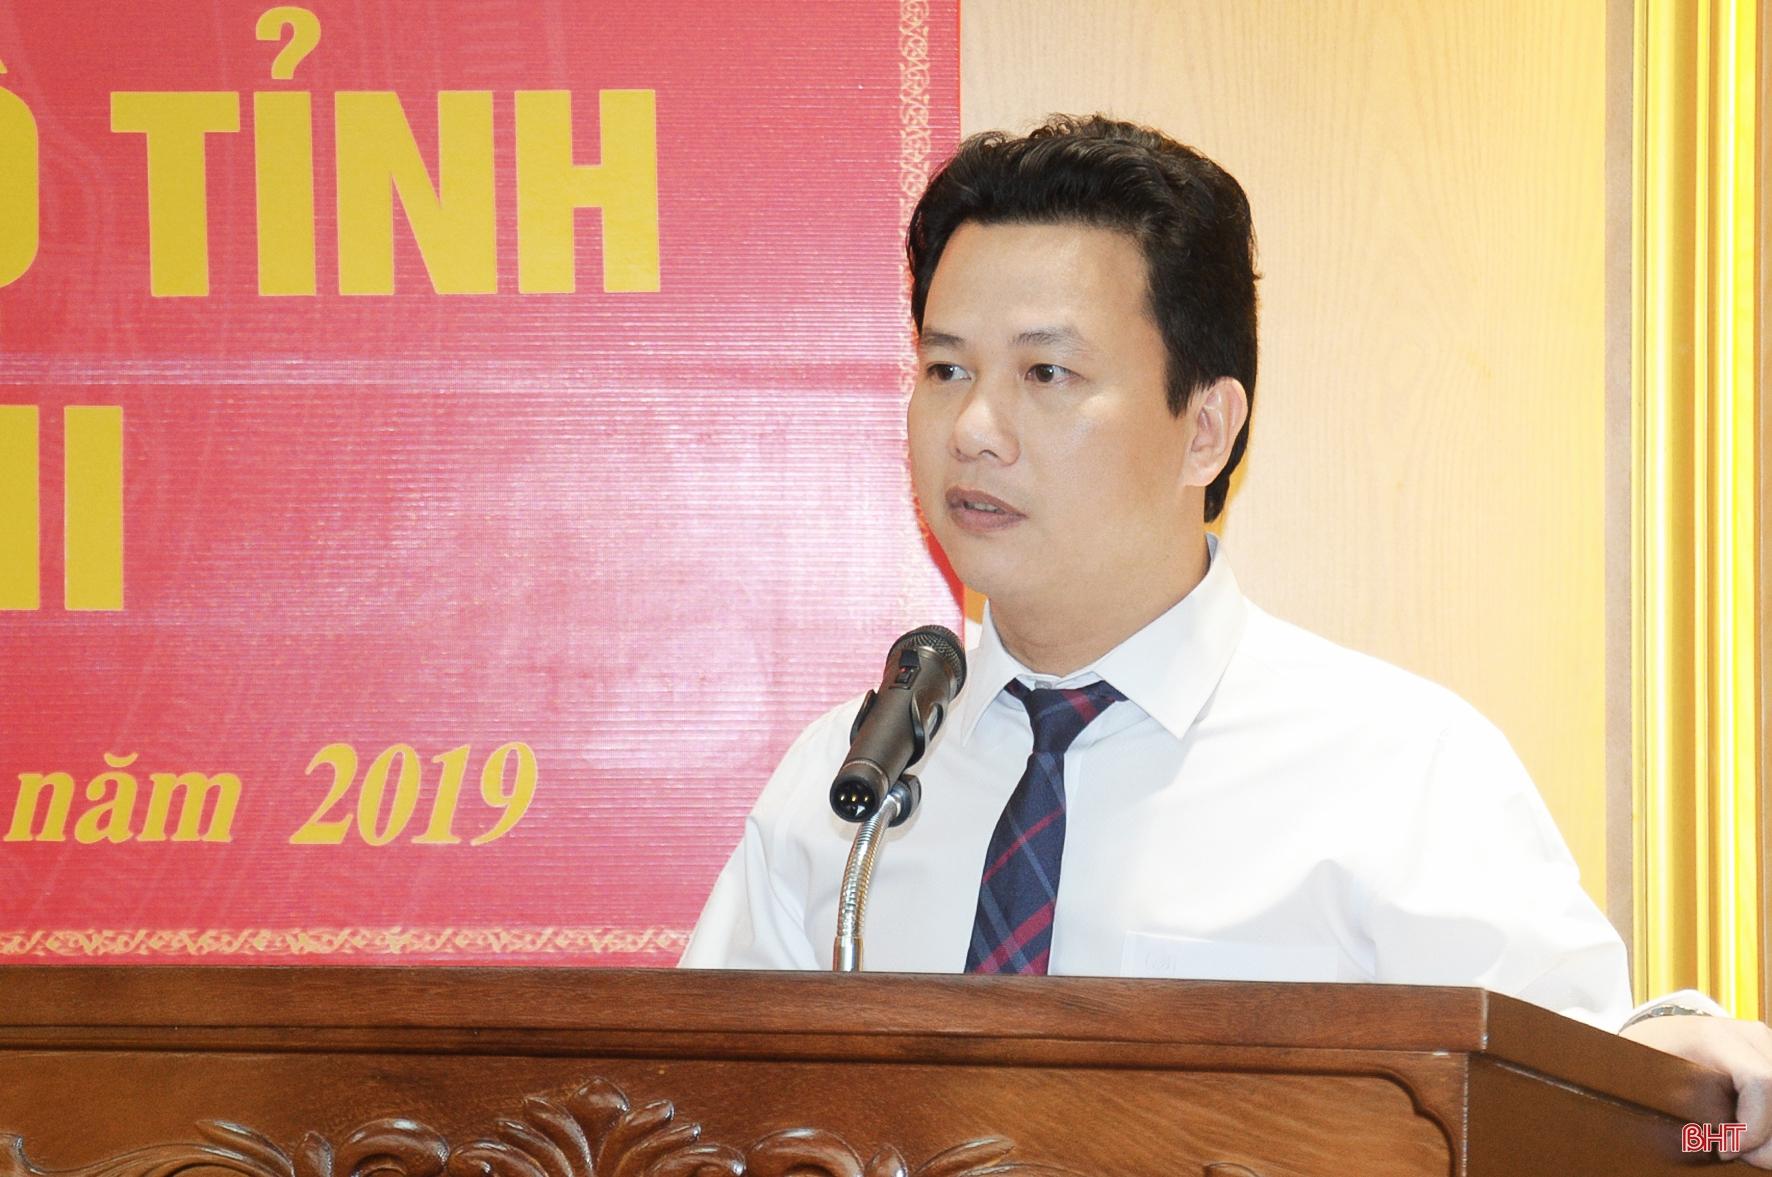 Chủ tịch tỉnh Hà Tĩnh nhận nhiệm vụ mới ở Hà Giang